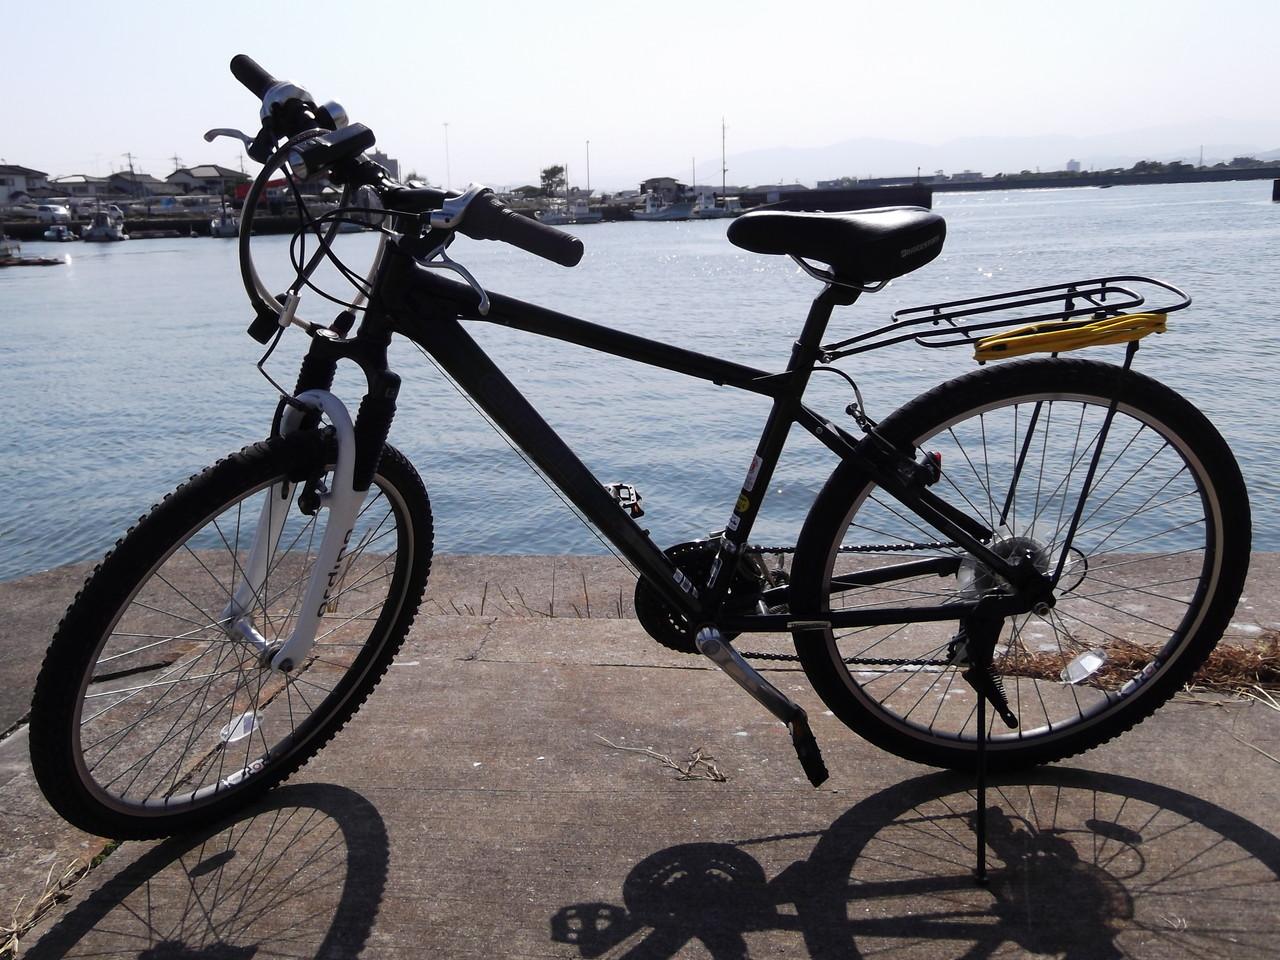 ちと私の自転車を撮影して ...